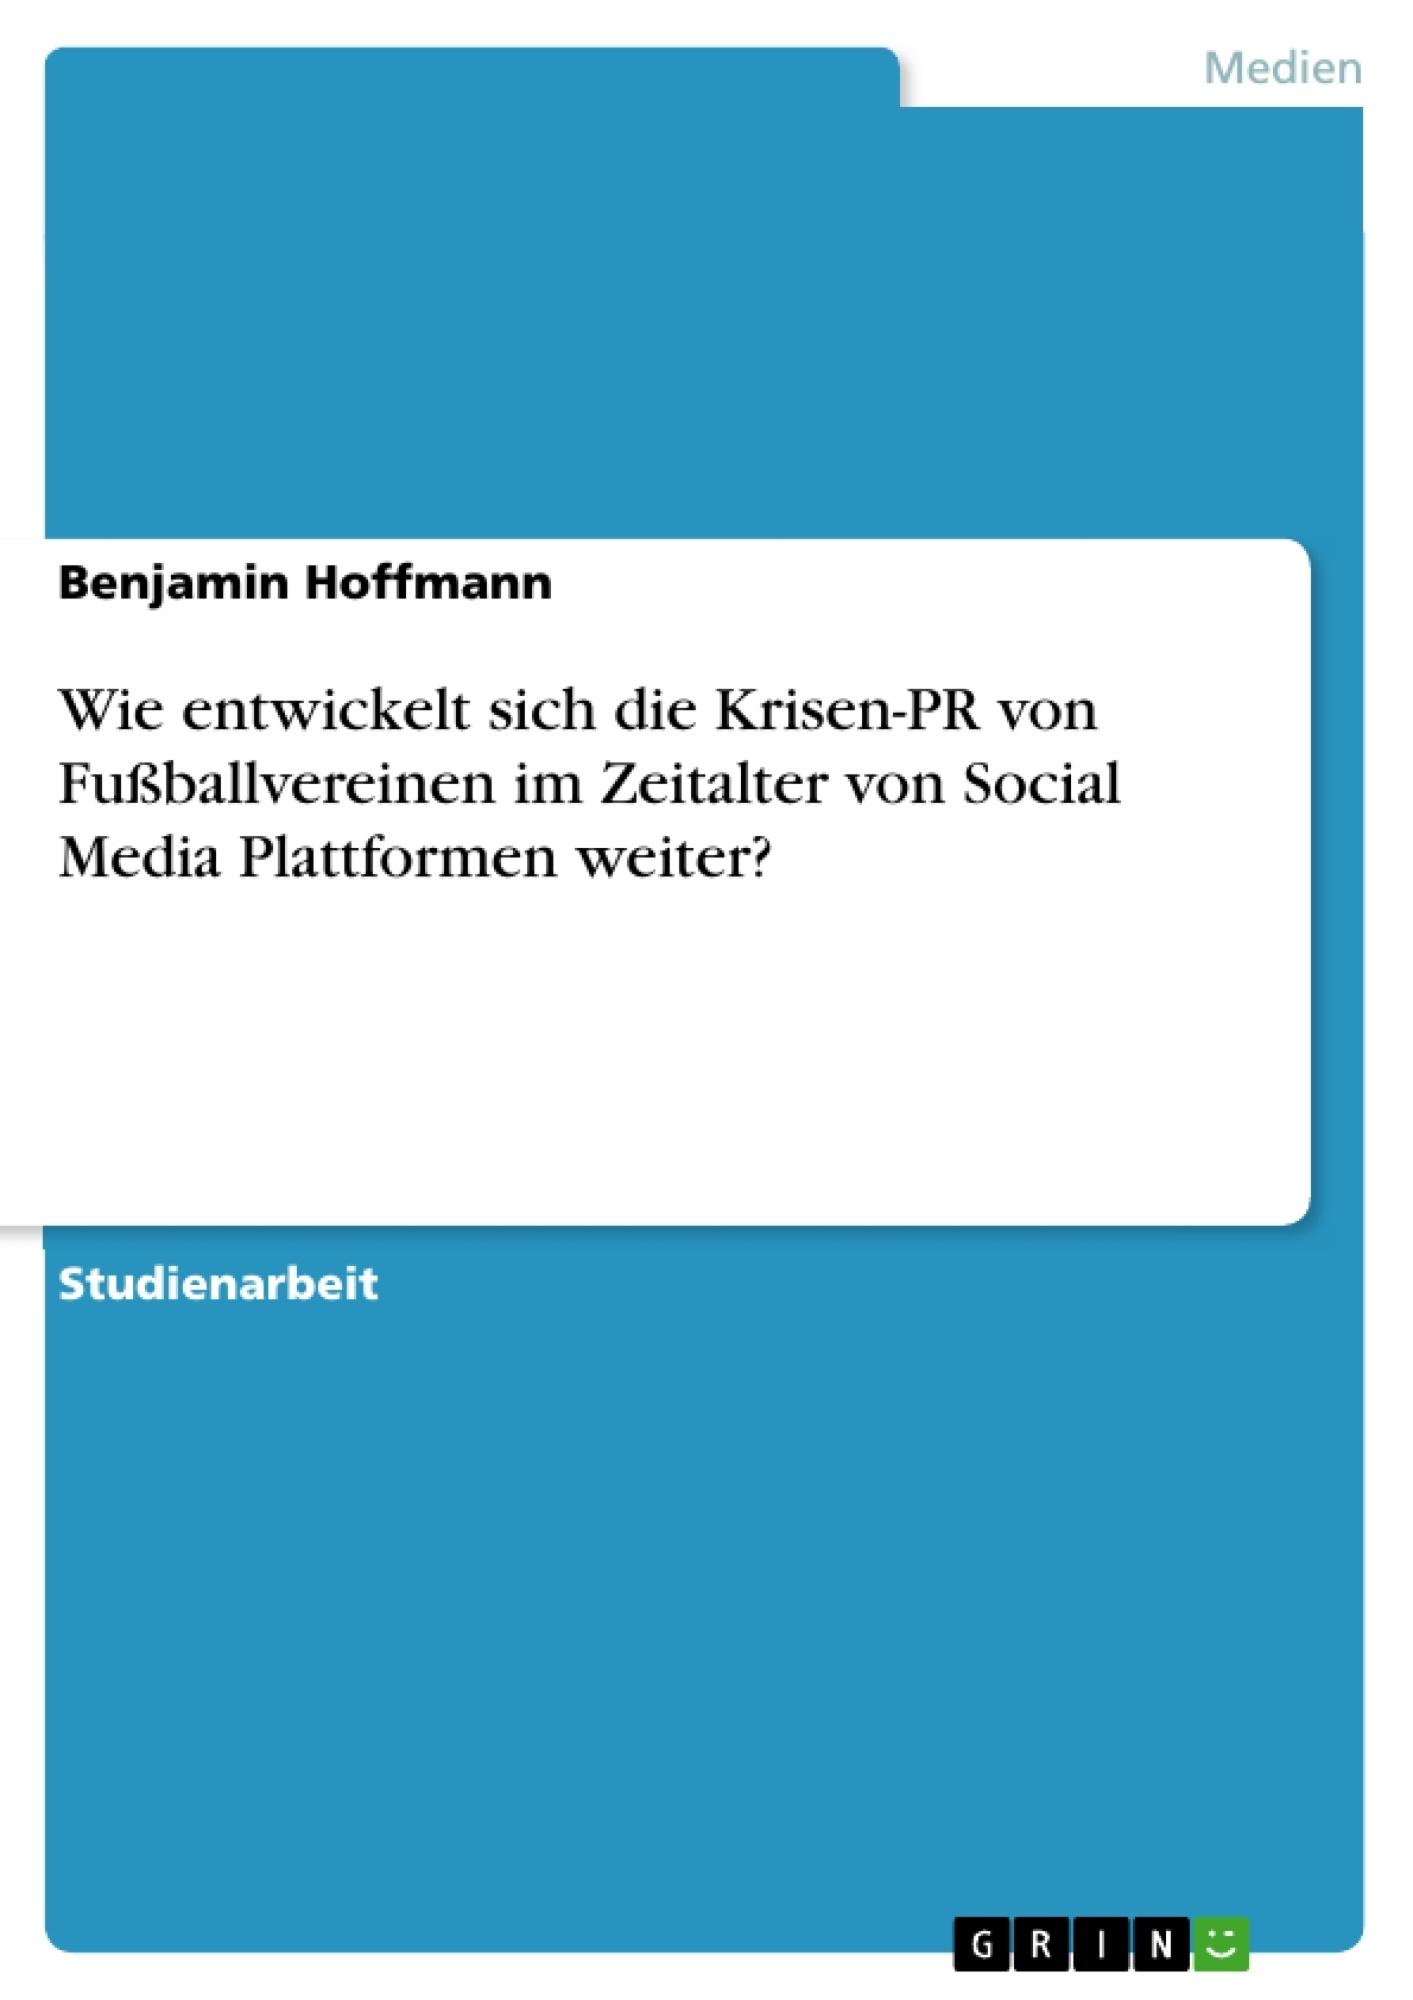 Titel: Wie entwickelt sich die Krisen-PR von Fußballvereinen im Zeitalter von Social Media Plattformen weiter?